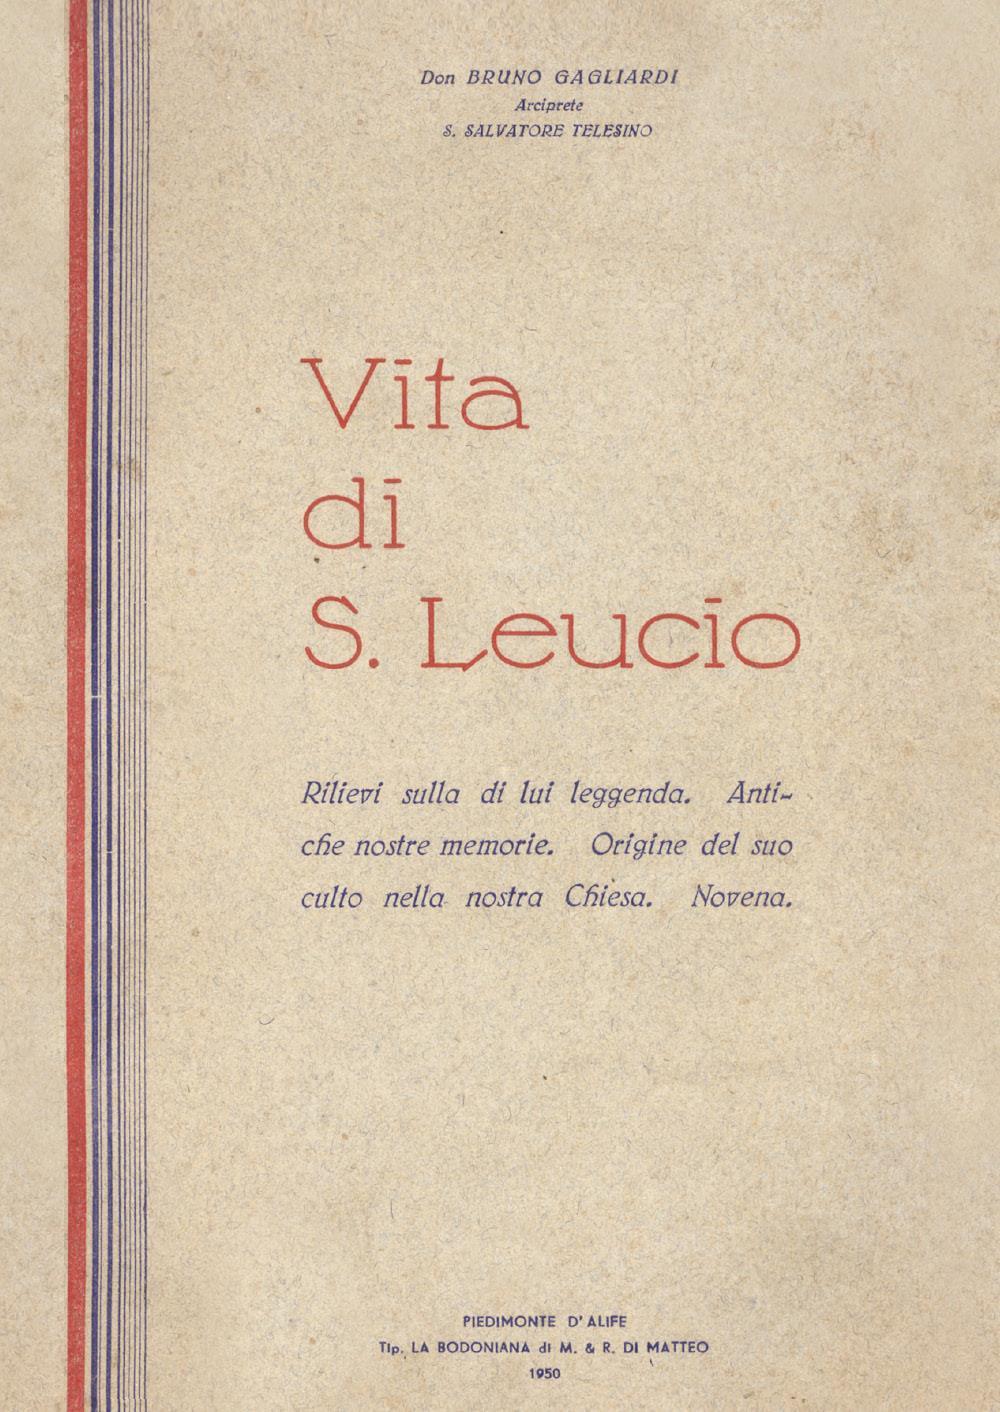 Vita di San Leucio a cura di Antonietta Cutillo